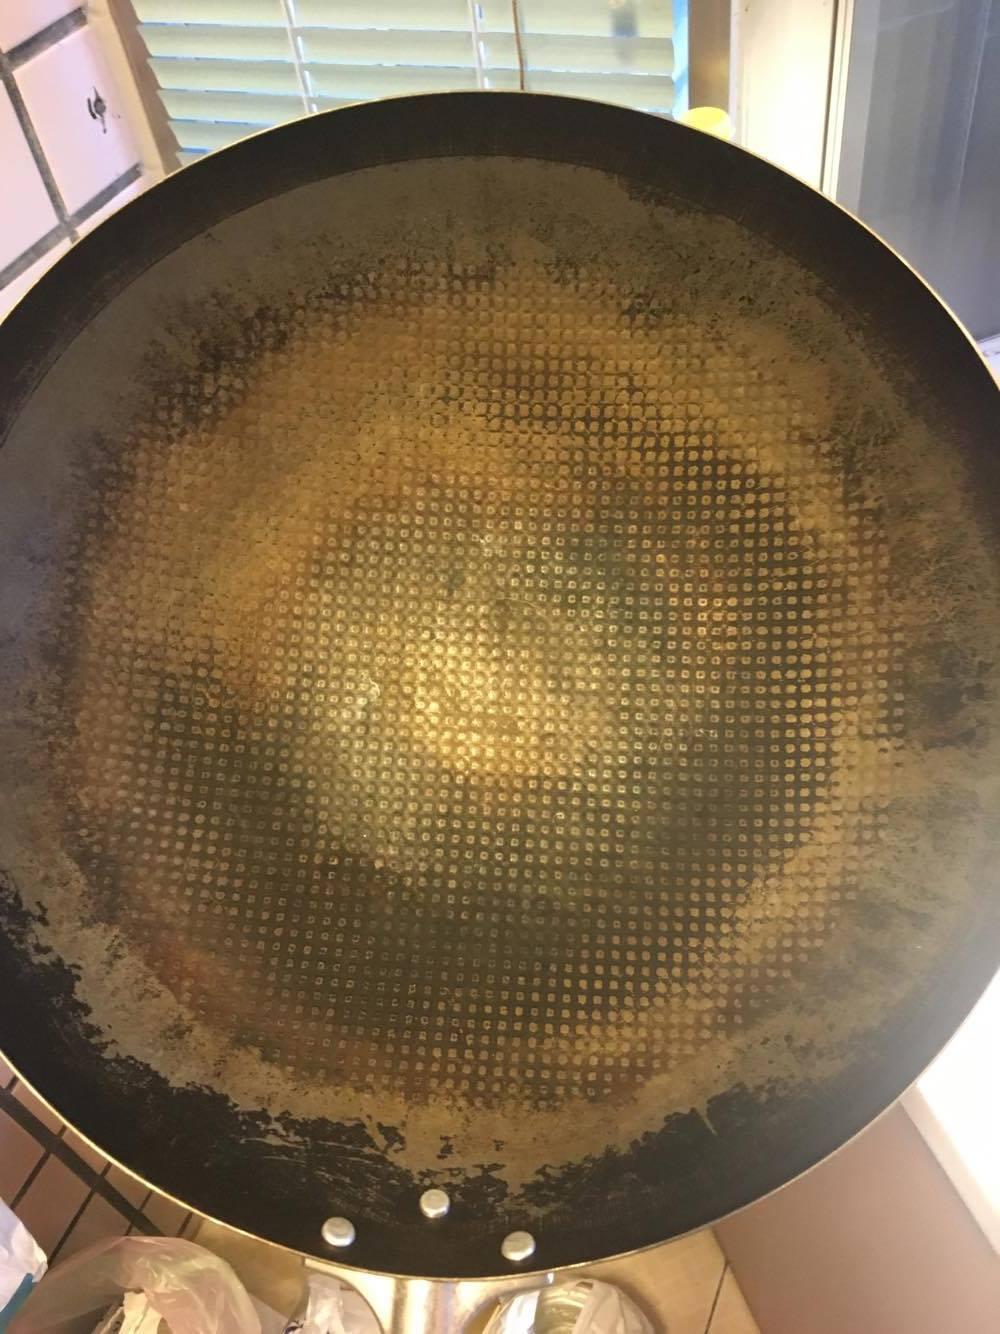 別擔心!變成這樣也還有得救。 - 此神器鐵鍋是先經整個鍋面用菜瓜布+鐵刷刷掉之後,沒有洗淨後上火烘乾,然後又泡水,因此整個均勻生鏽。